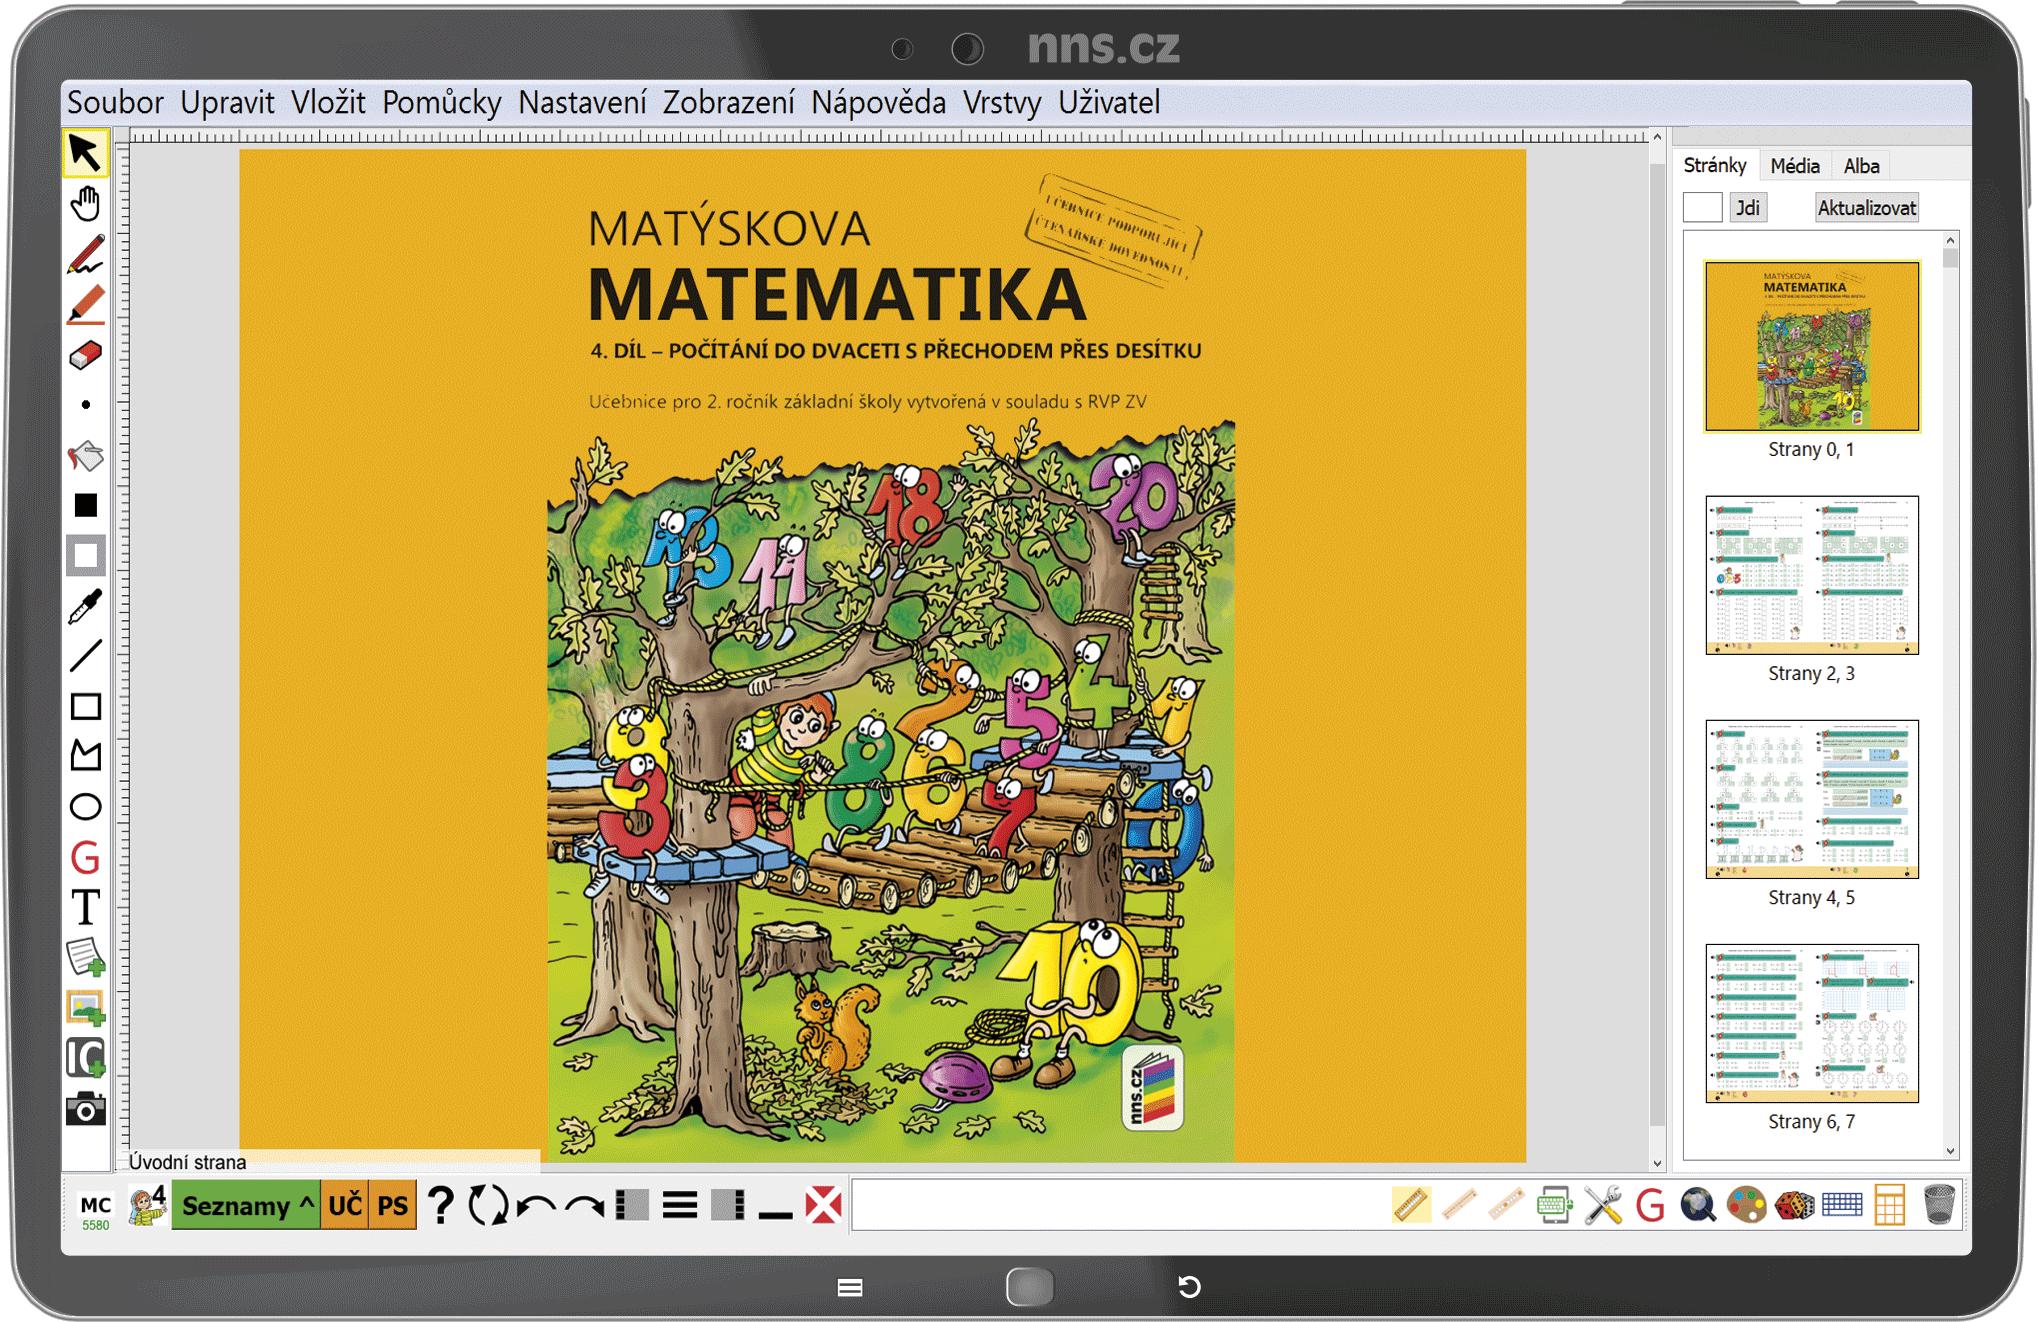 MIUč+ Matýskova matematika 2 (4., 5. a 6. díl) - žákovská licence na 1 školní rok